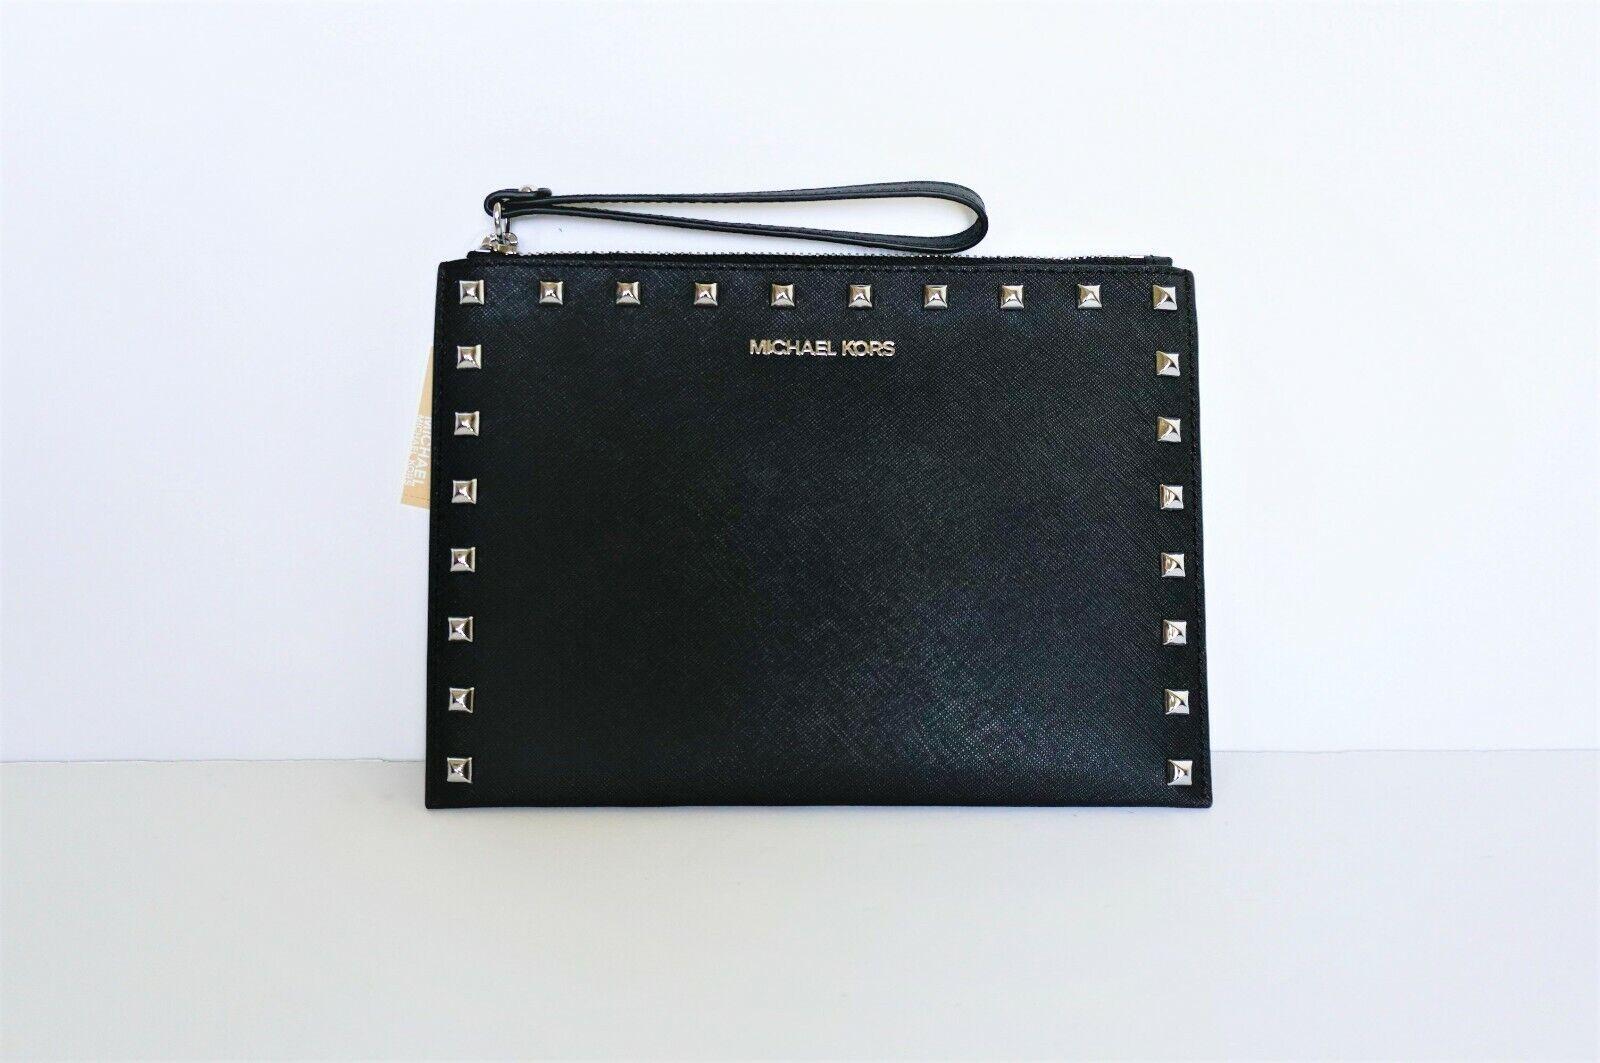 Authentic Michael Kors JET SET EXTRA LARGE Black Zip clutch/